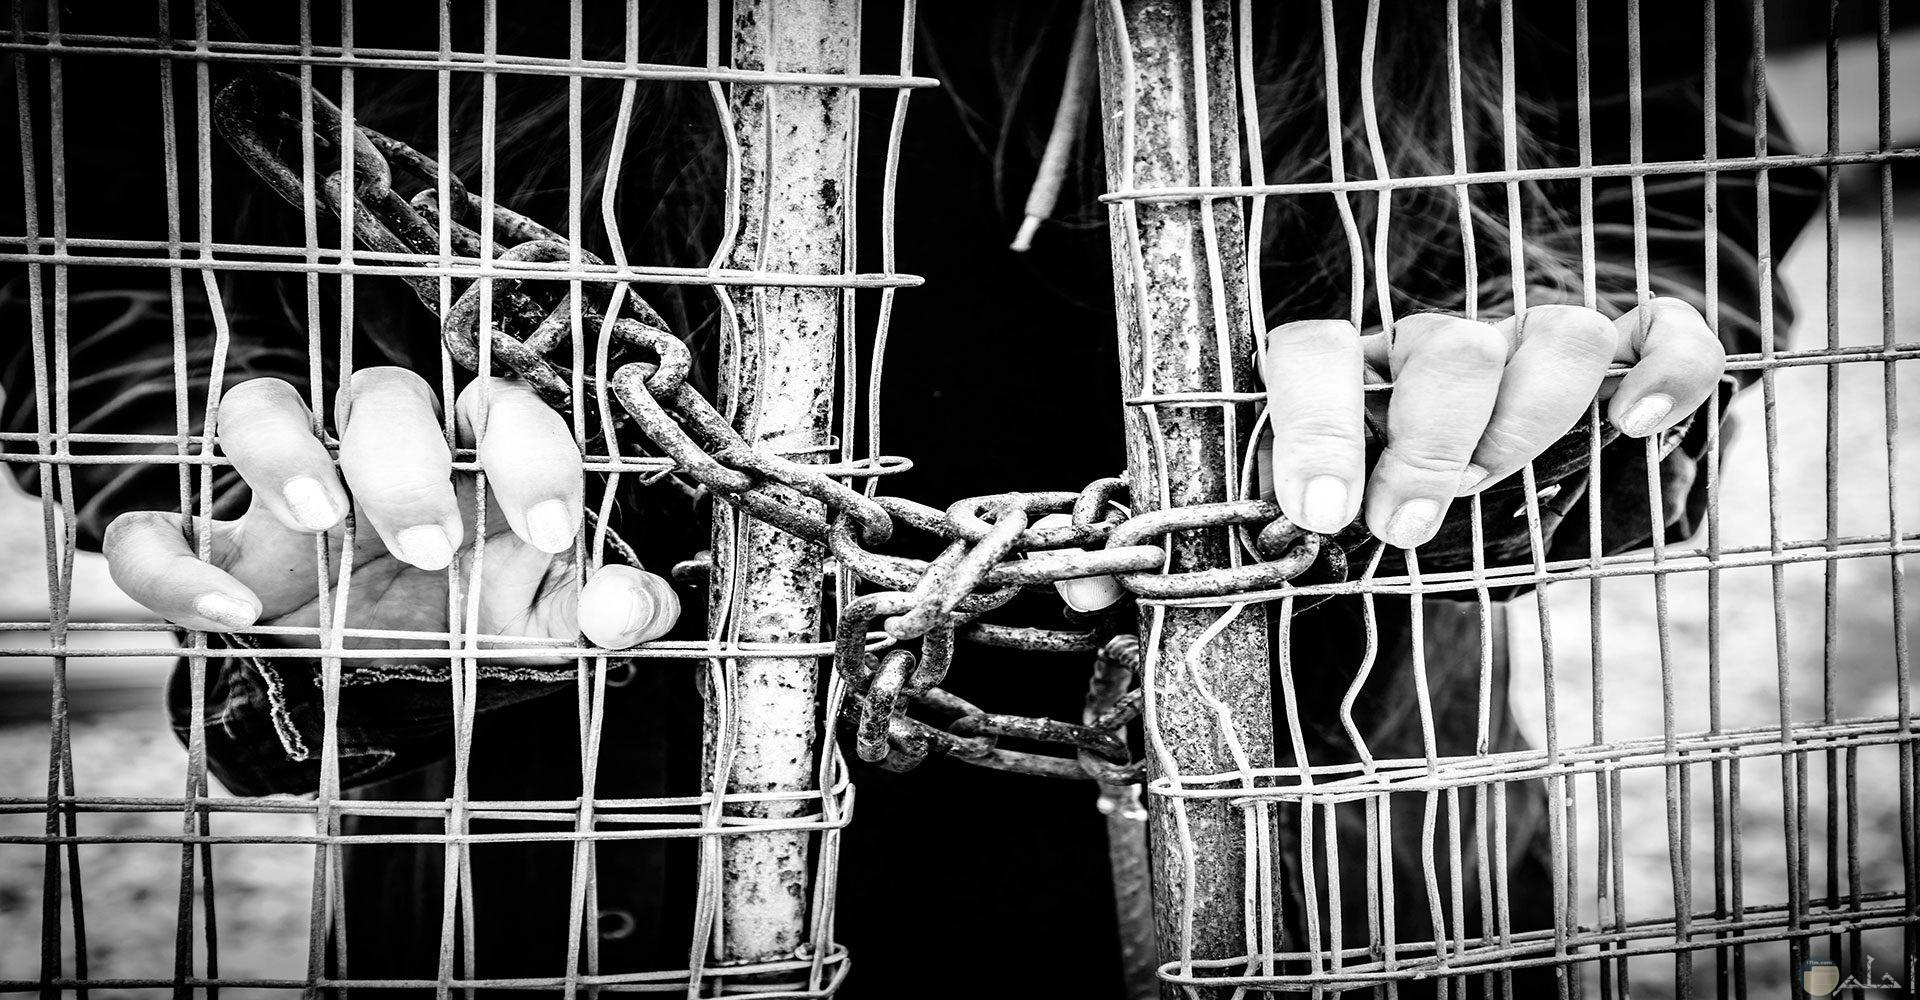 الحزن سجن لا يعرفه إلا من ذاقه.